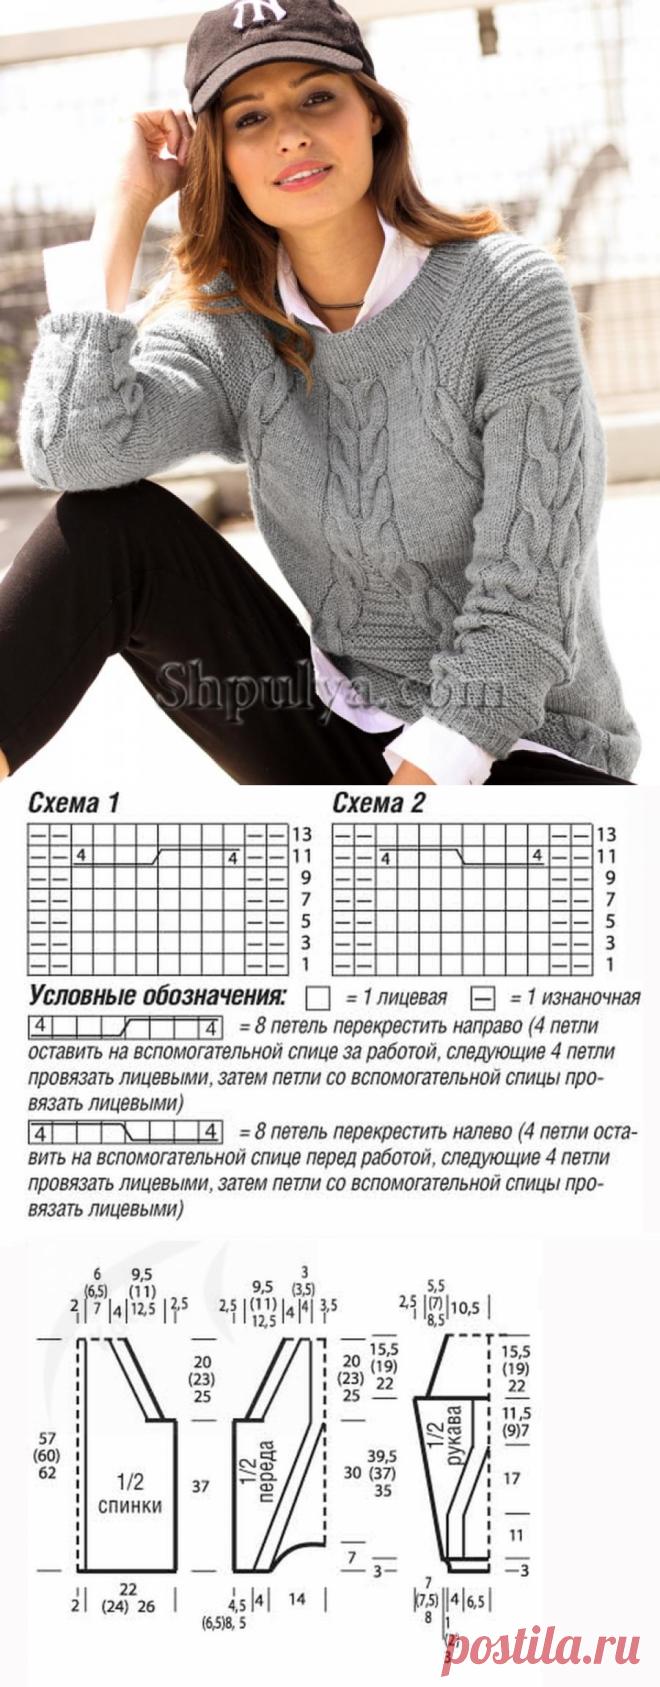 Пуловер с диагональными косами — Shpulya.com - схемы с описанием для вязания спицами и крючком